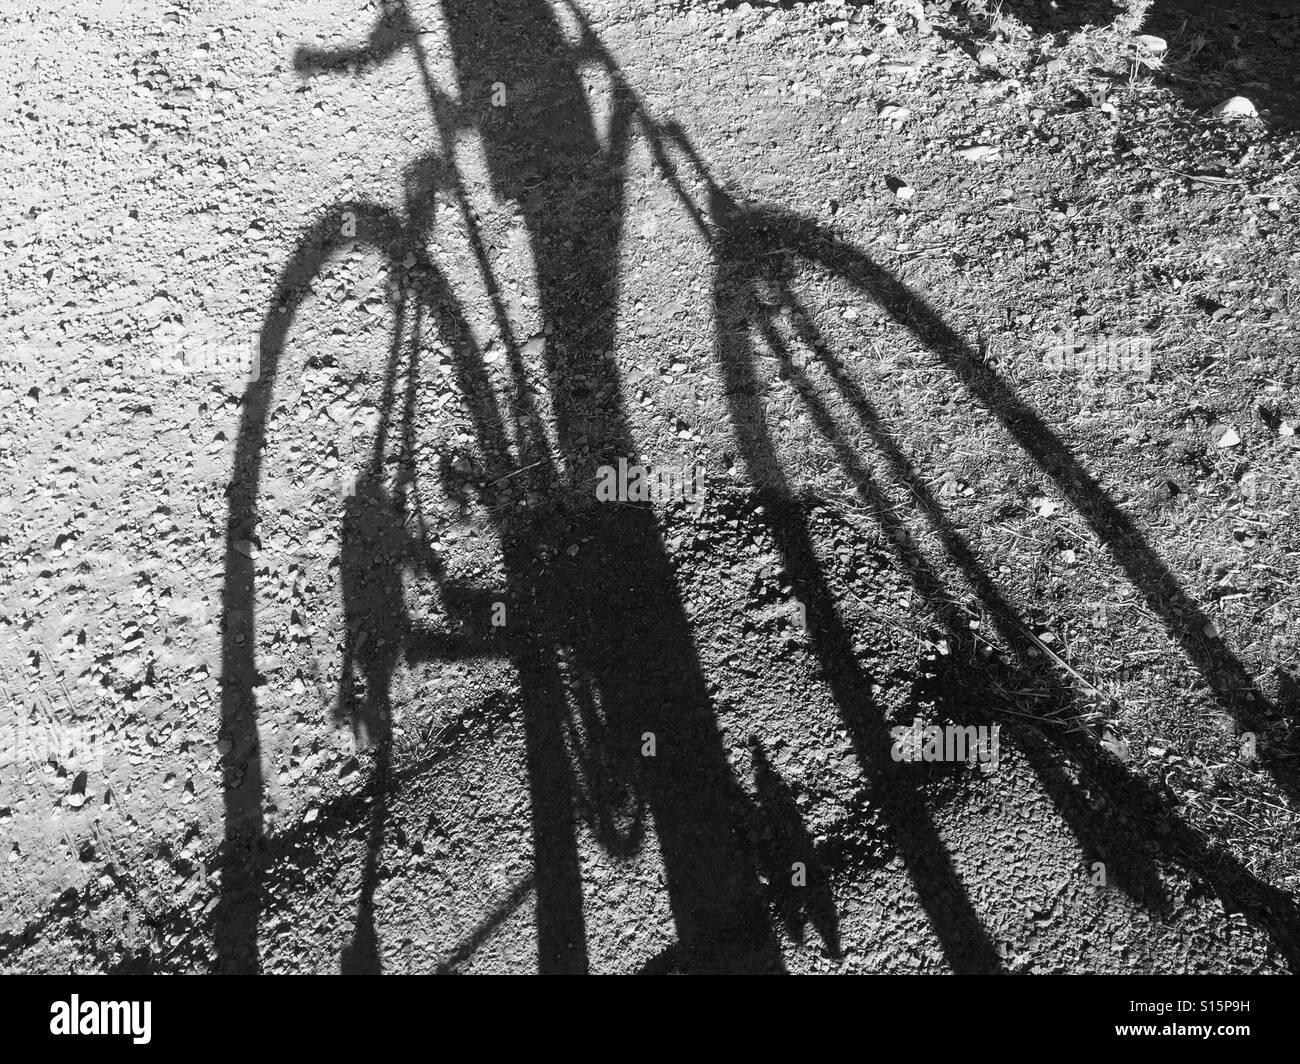 Bike shadow - Stock Image